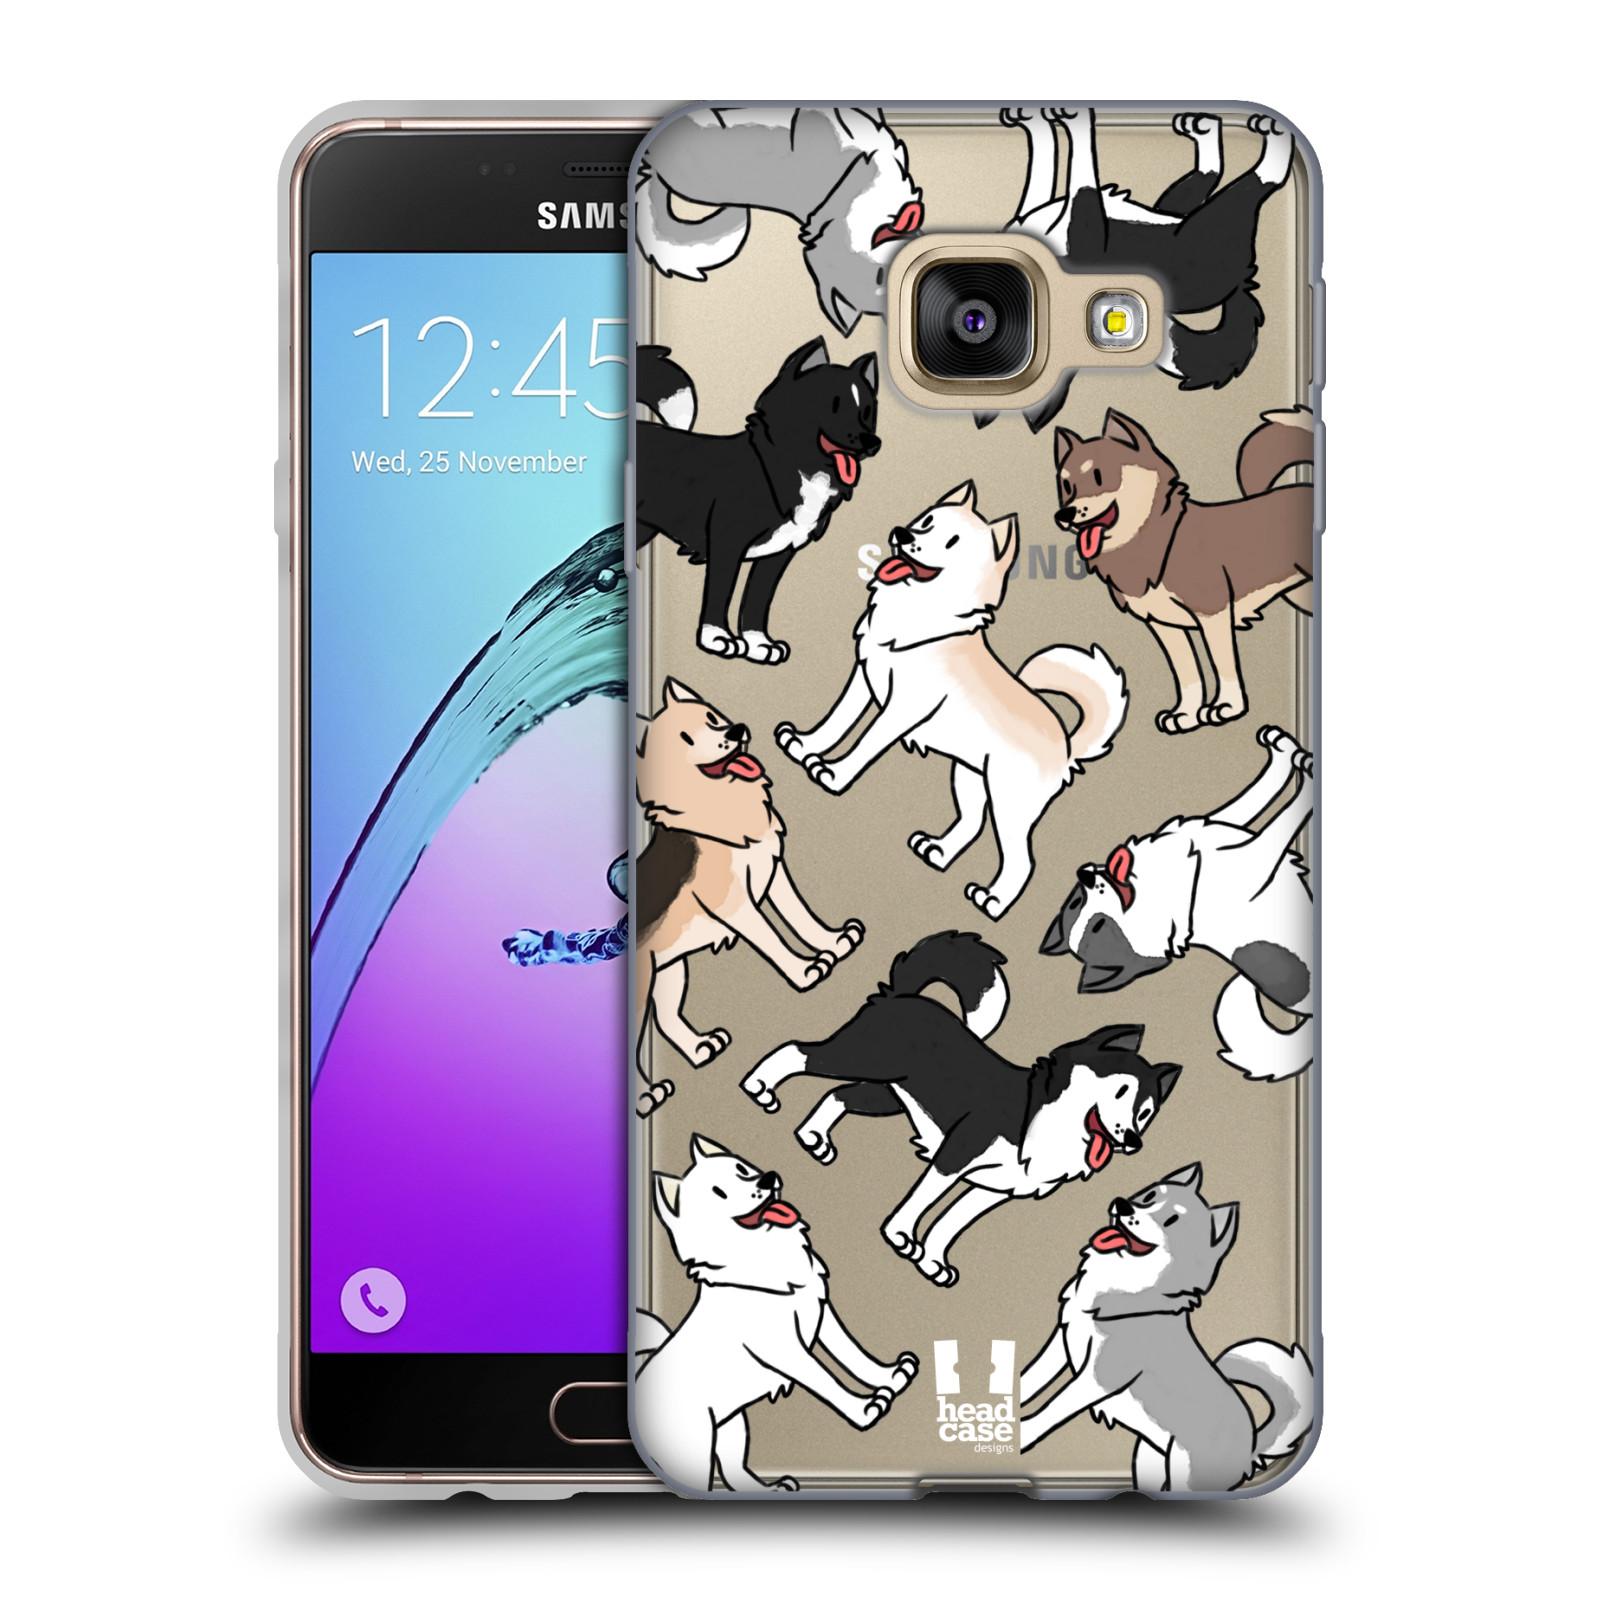 HEAD CASE silikonový obal na mobil Samsung Galaxy A3 2016 (A310) pejsek Sibiřský husky